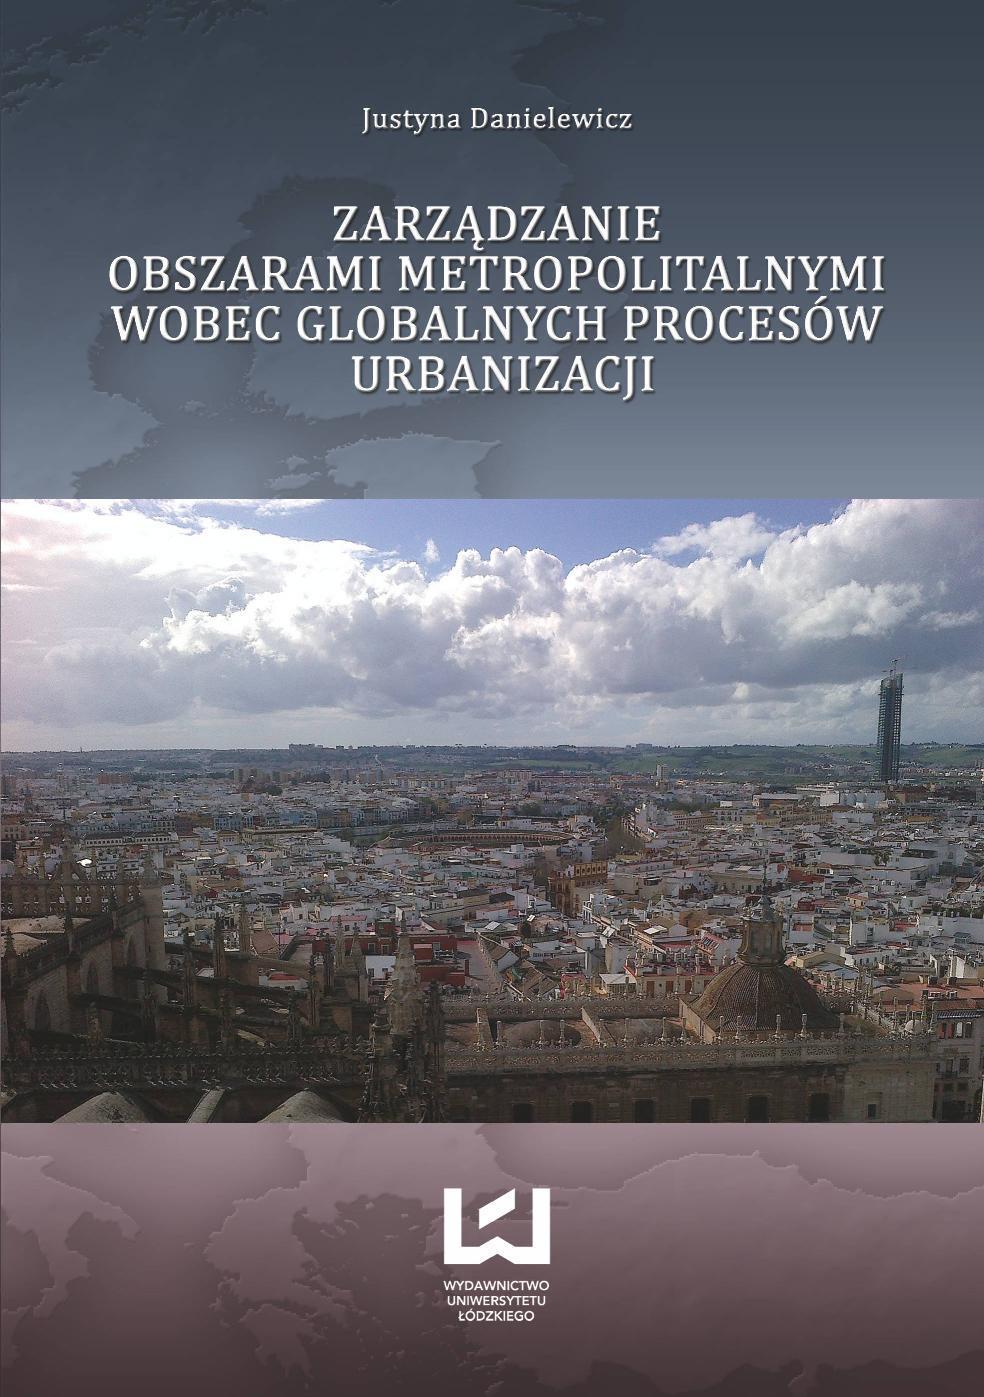 Zarządzanie obszarami metropolitalnymi wobec globalnych procesów urbanizacji - Ebook (Książka PDF) do pobrania w formacie PDF